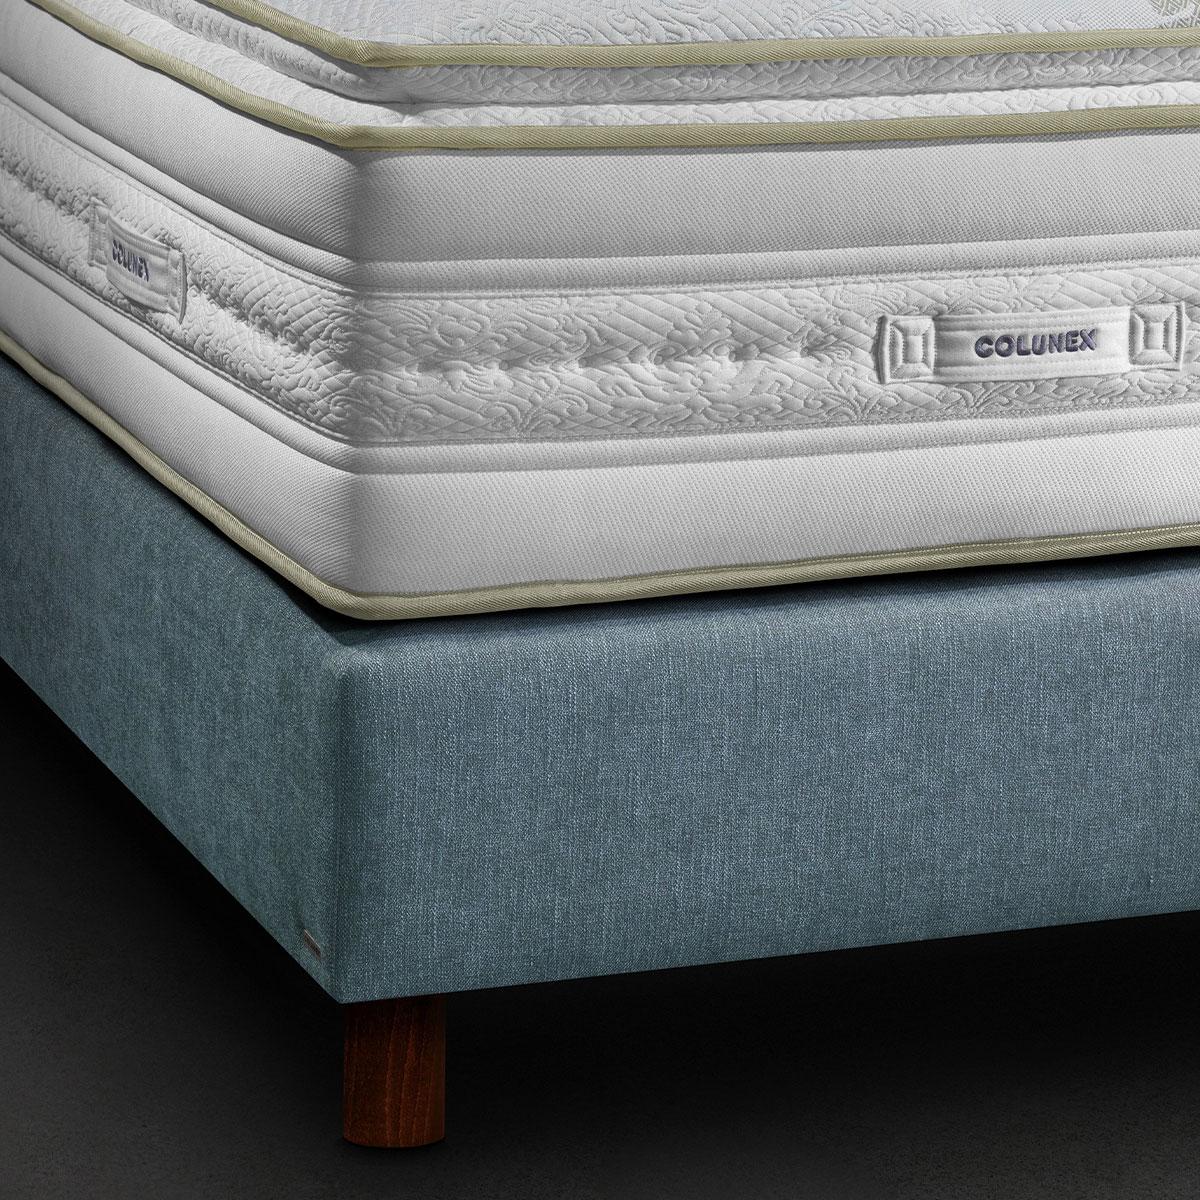 heritage iii Matela Heritage III colunex heritage III mattress 01 3